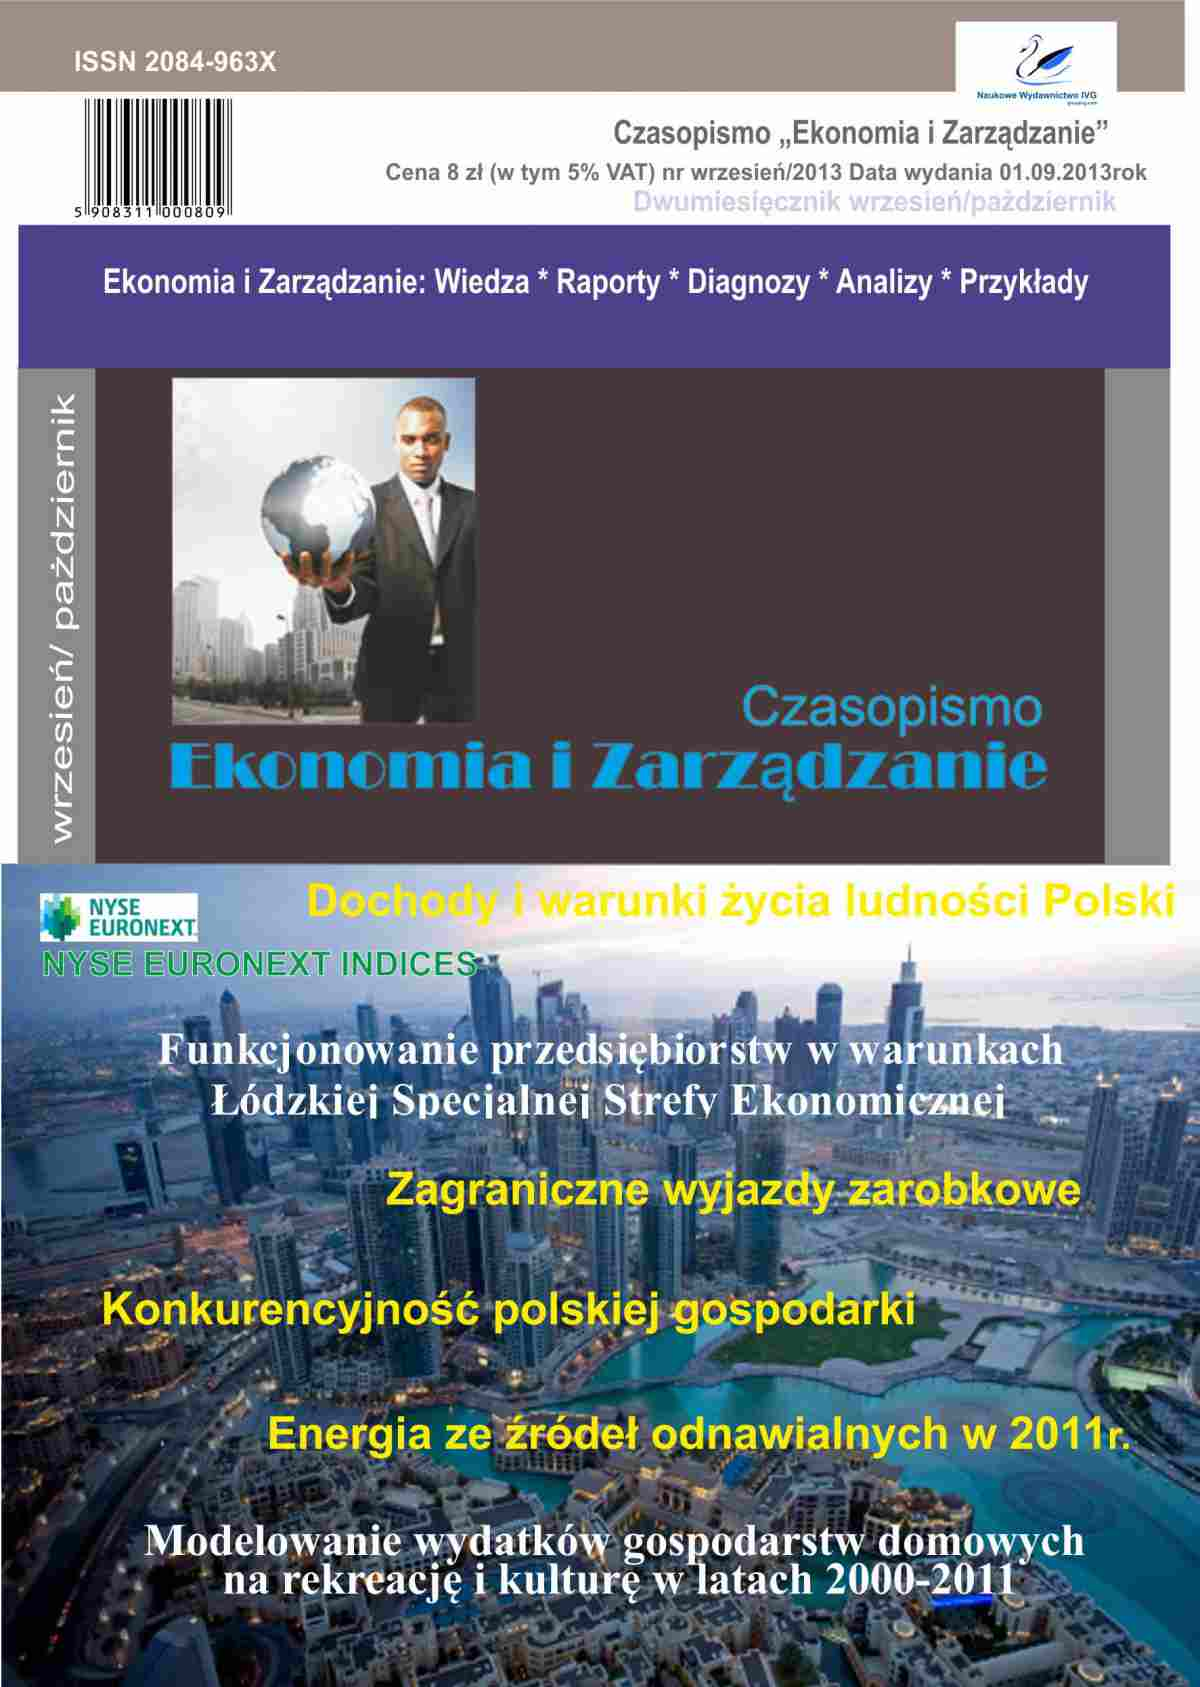 Czasopismo Ekonomia i Zarządzanie nr 5 wrz/2013 - Ebook (Książka PDF) do pobrania w formacie PDF